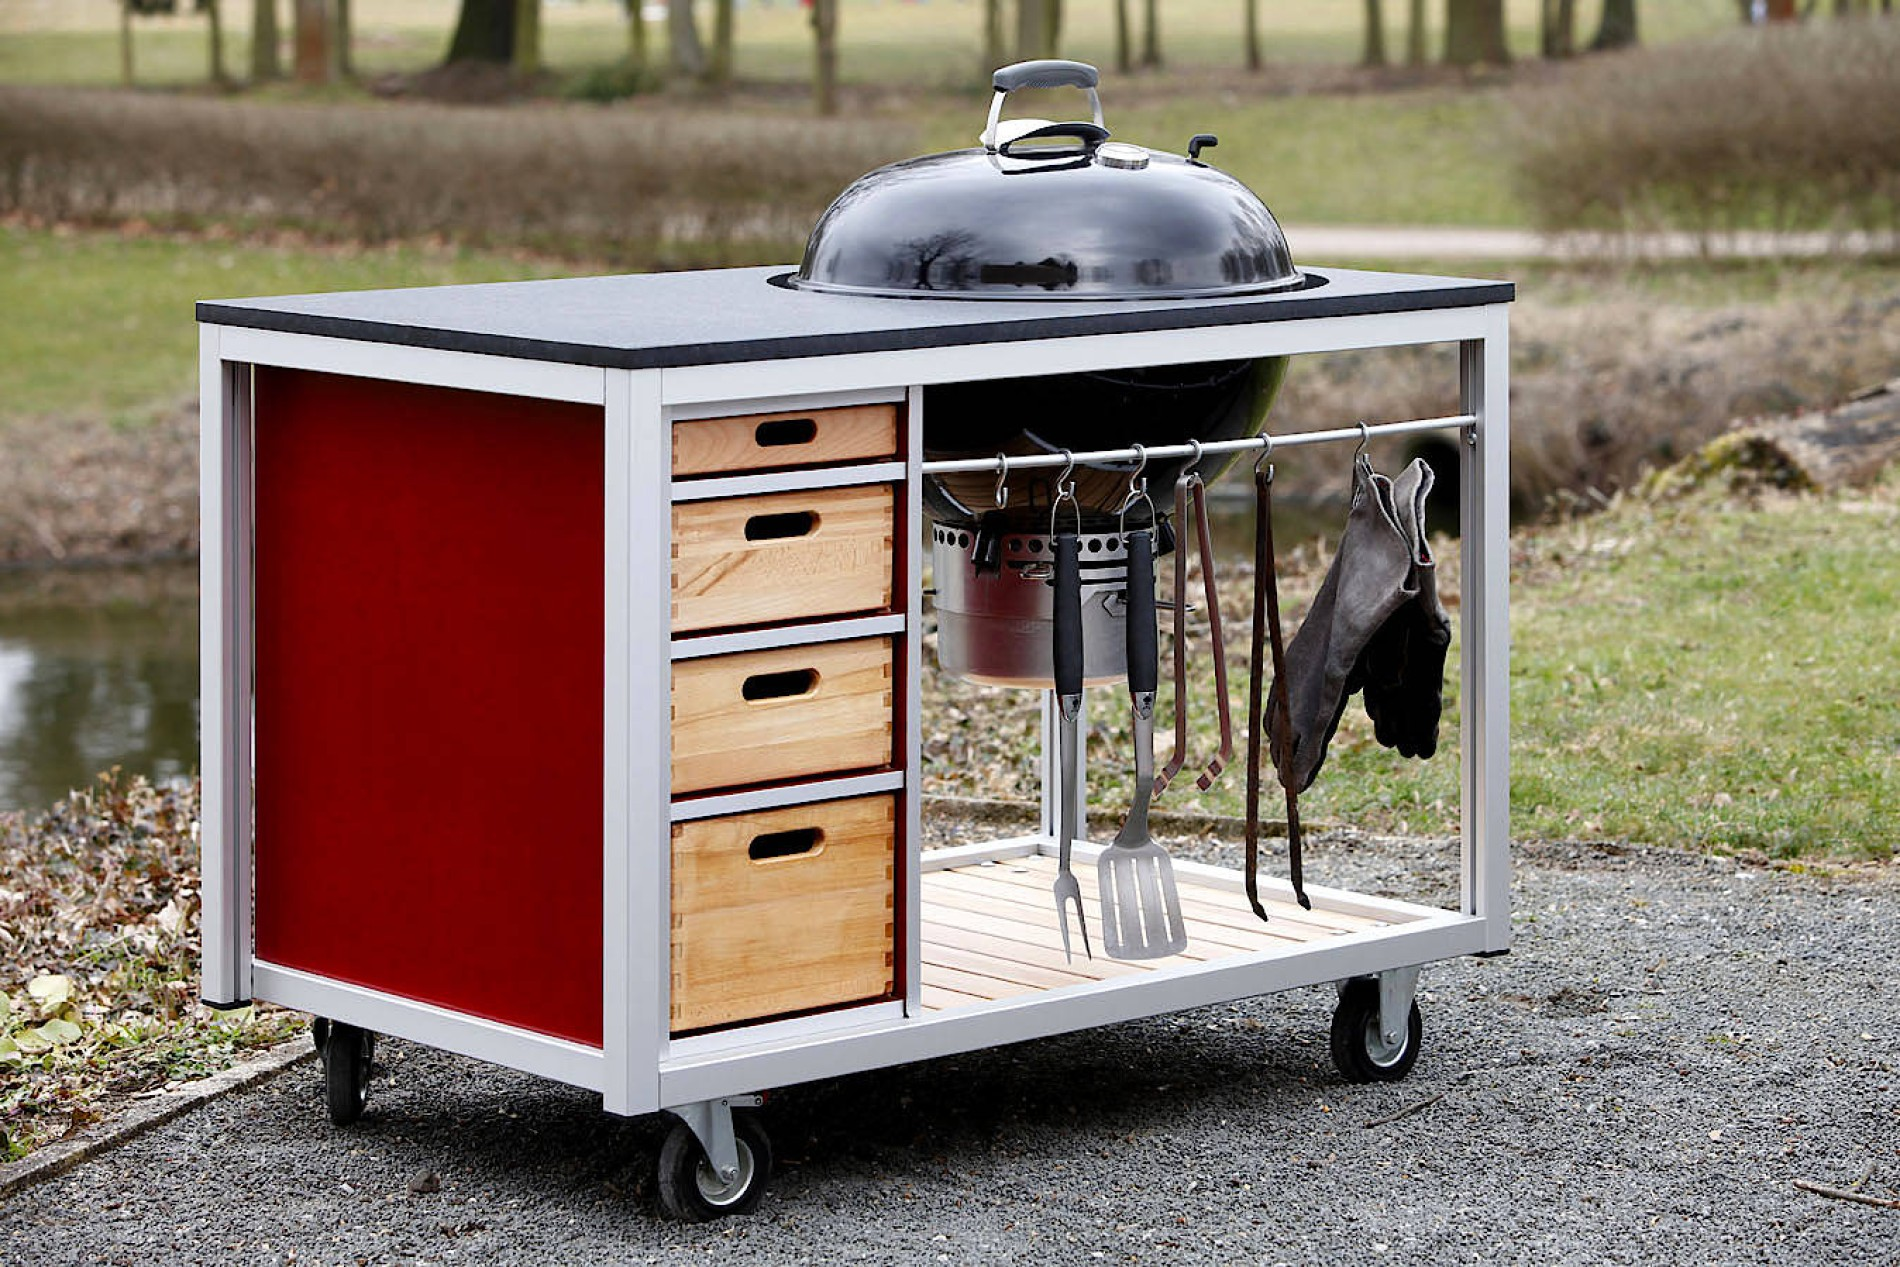 Outdoor Küche Mit Zapfanlage : Outdoor küchen koch komm raus